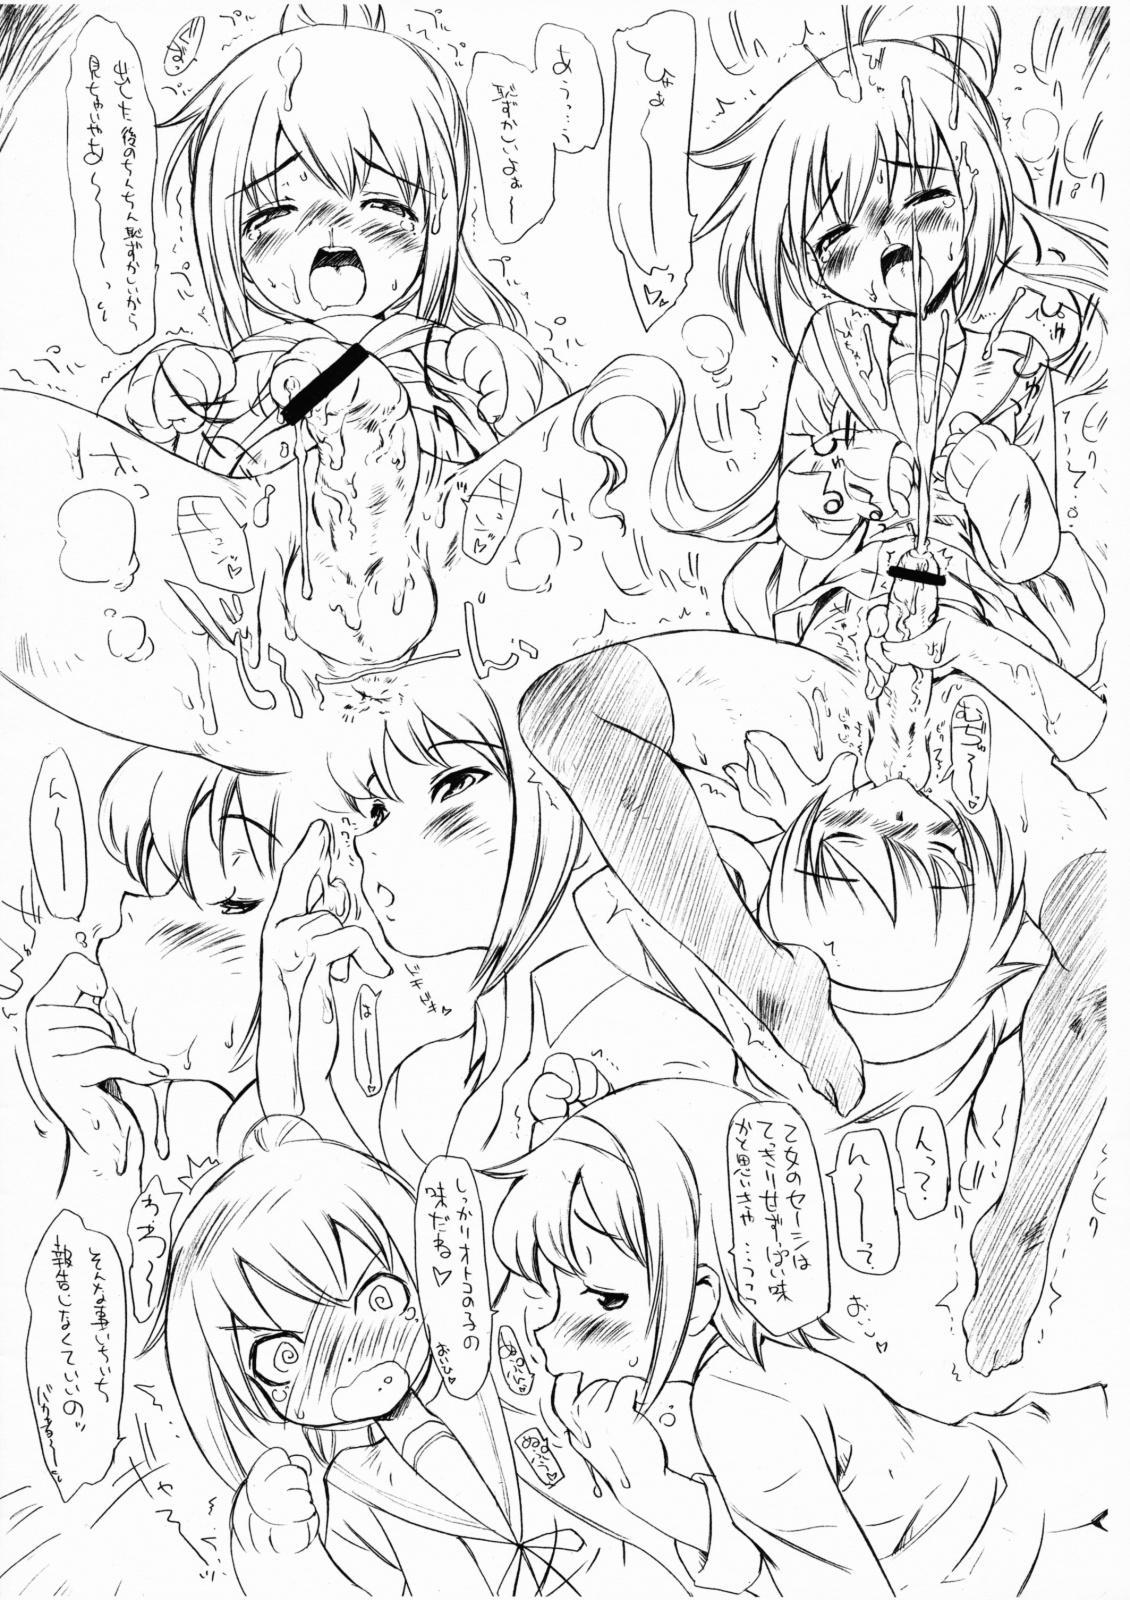 [Magic Machinery] Haenuki! Haruhiko-kun to Kyonko-san no Copy Hon (Suzumiya Haruhi no Yuuutsu) 3